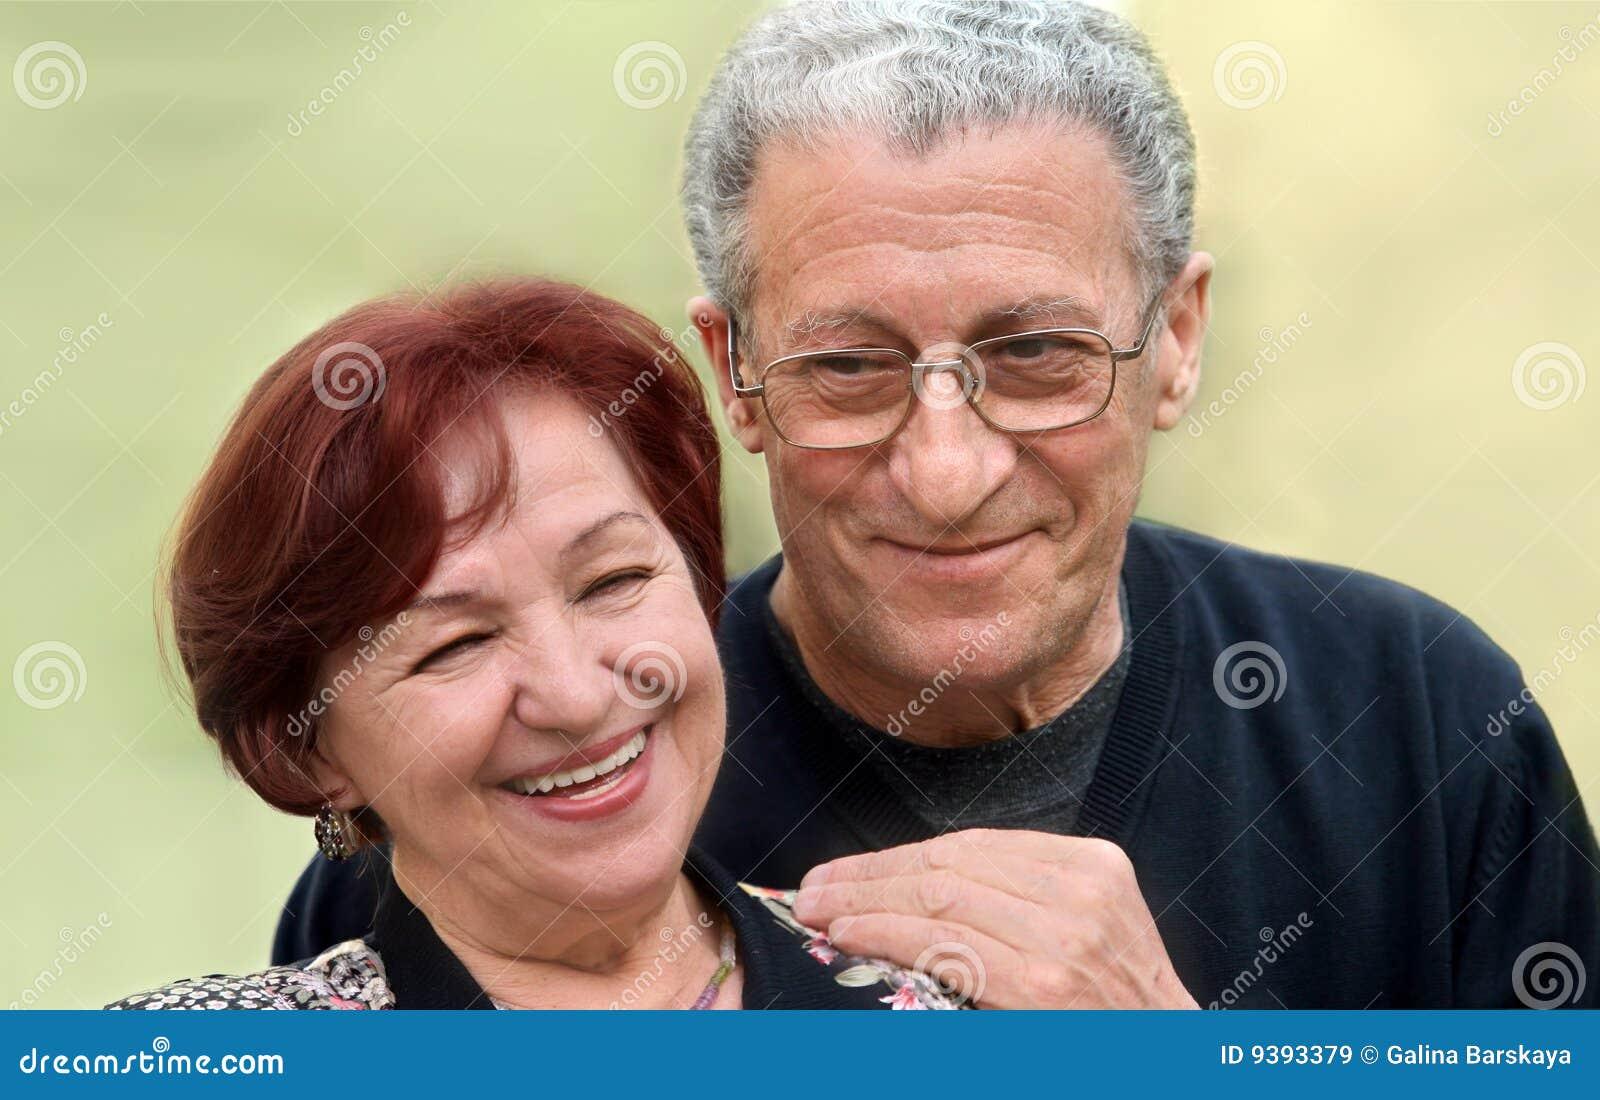 Couple happy senior